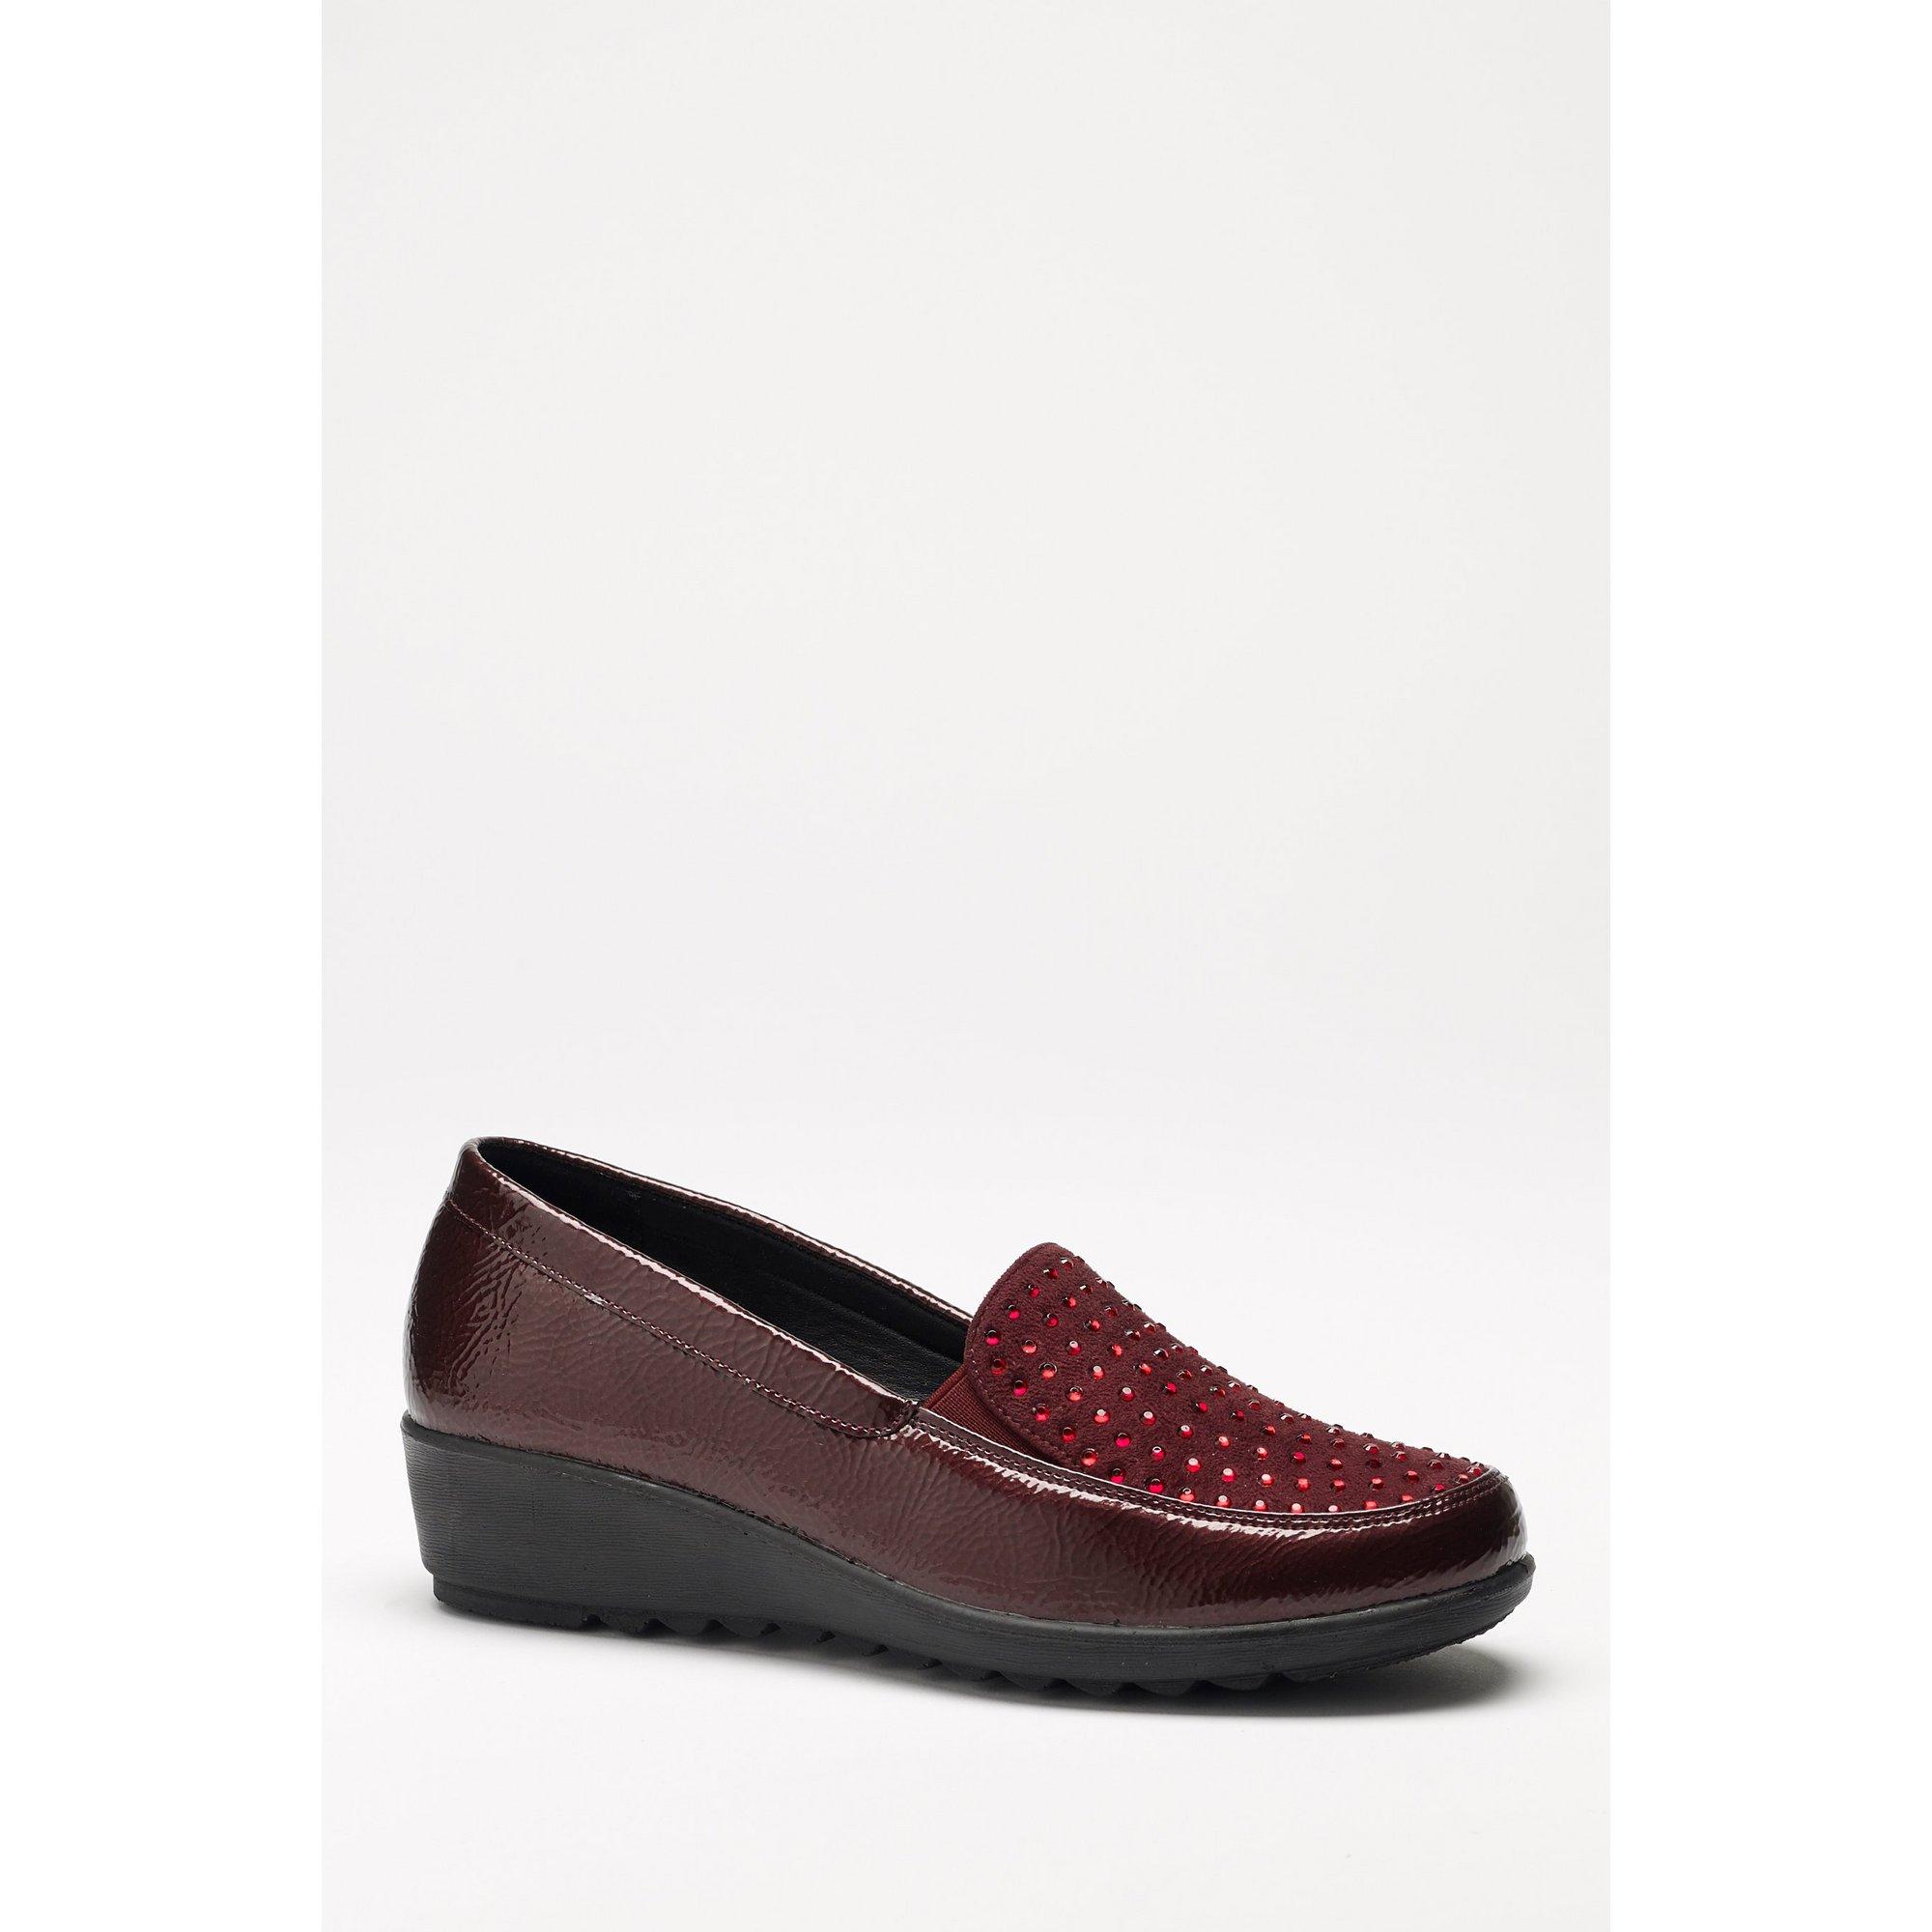 Image of Cushion Walk Diamante Burgundy Slip On Shoes